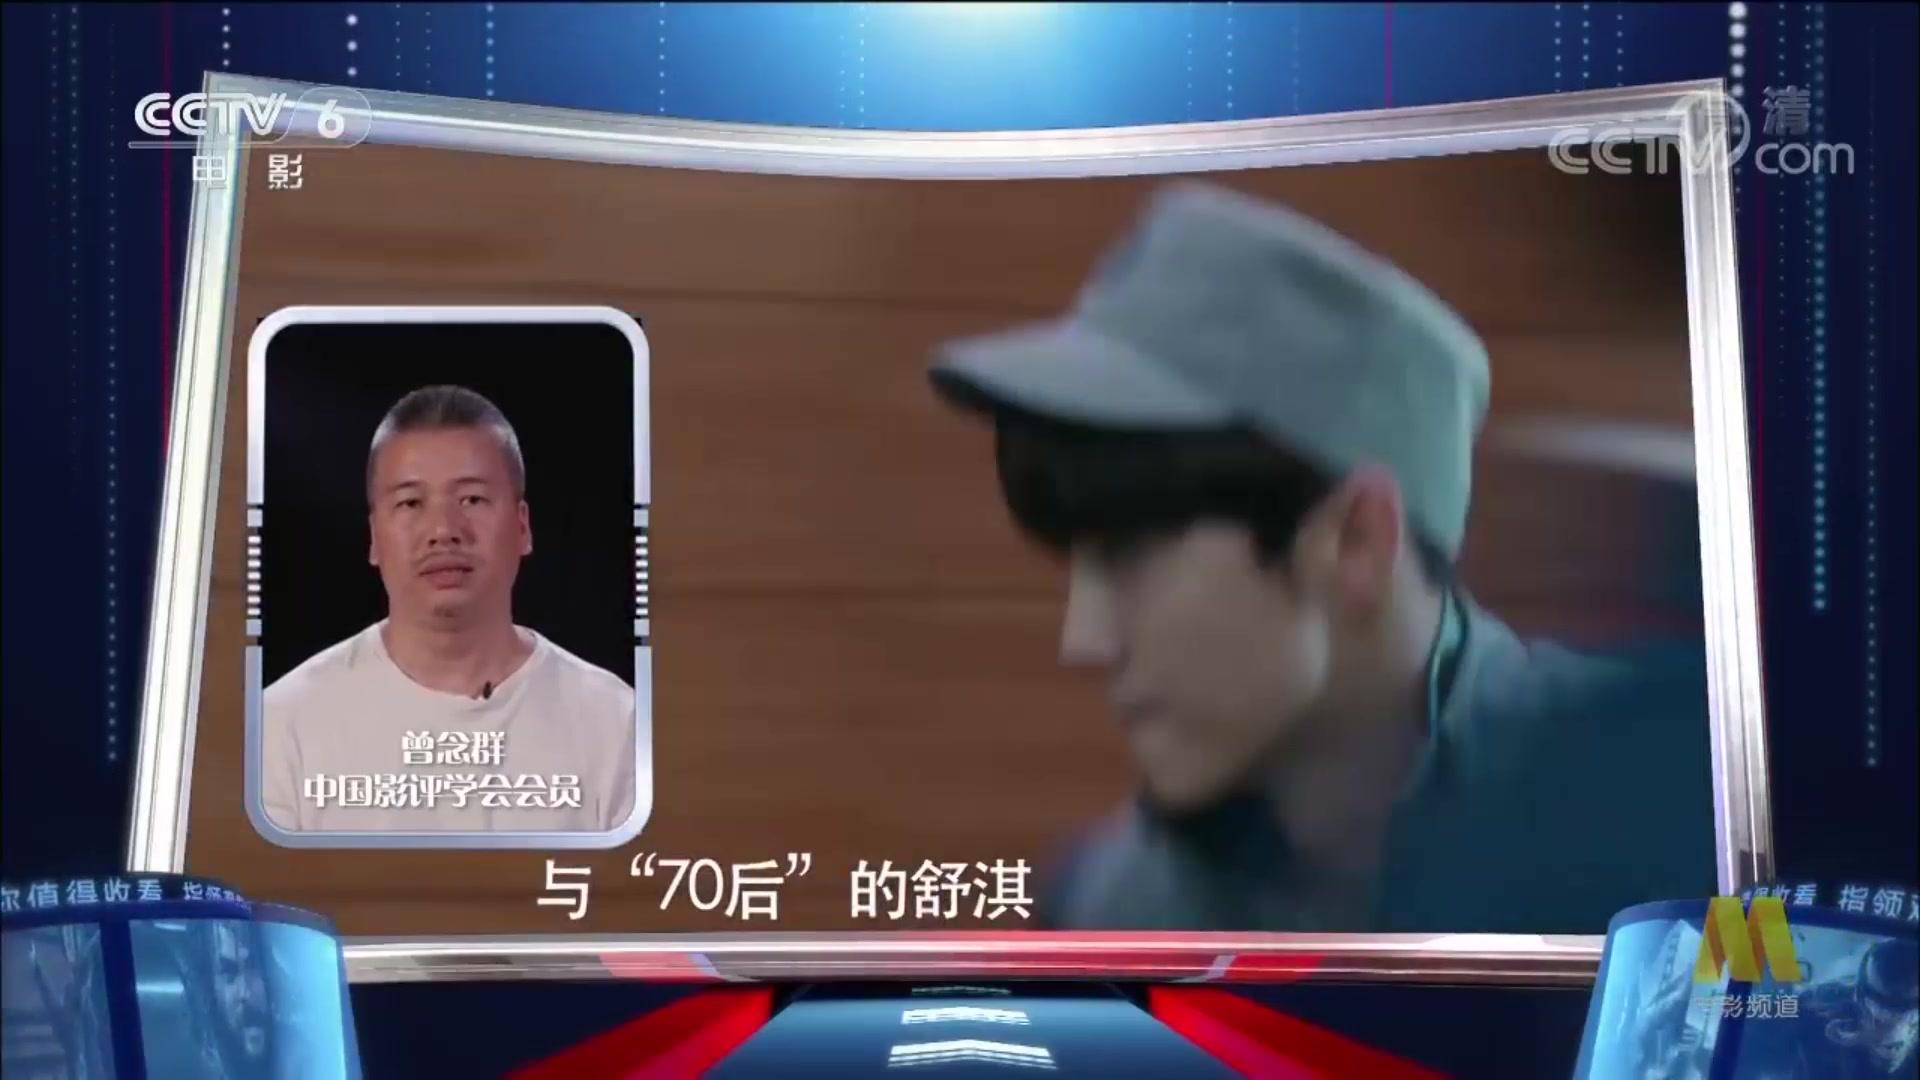 央视吐槽《上海堡垒》,官方吐槽最为致命,央视教你如何一本正经的吐槽。